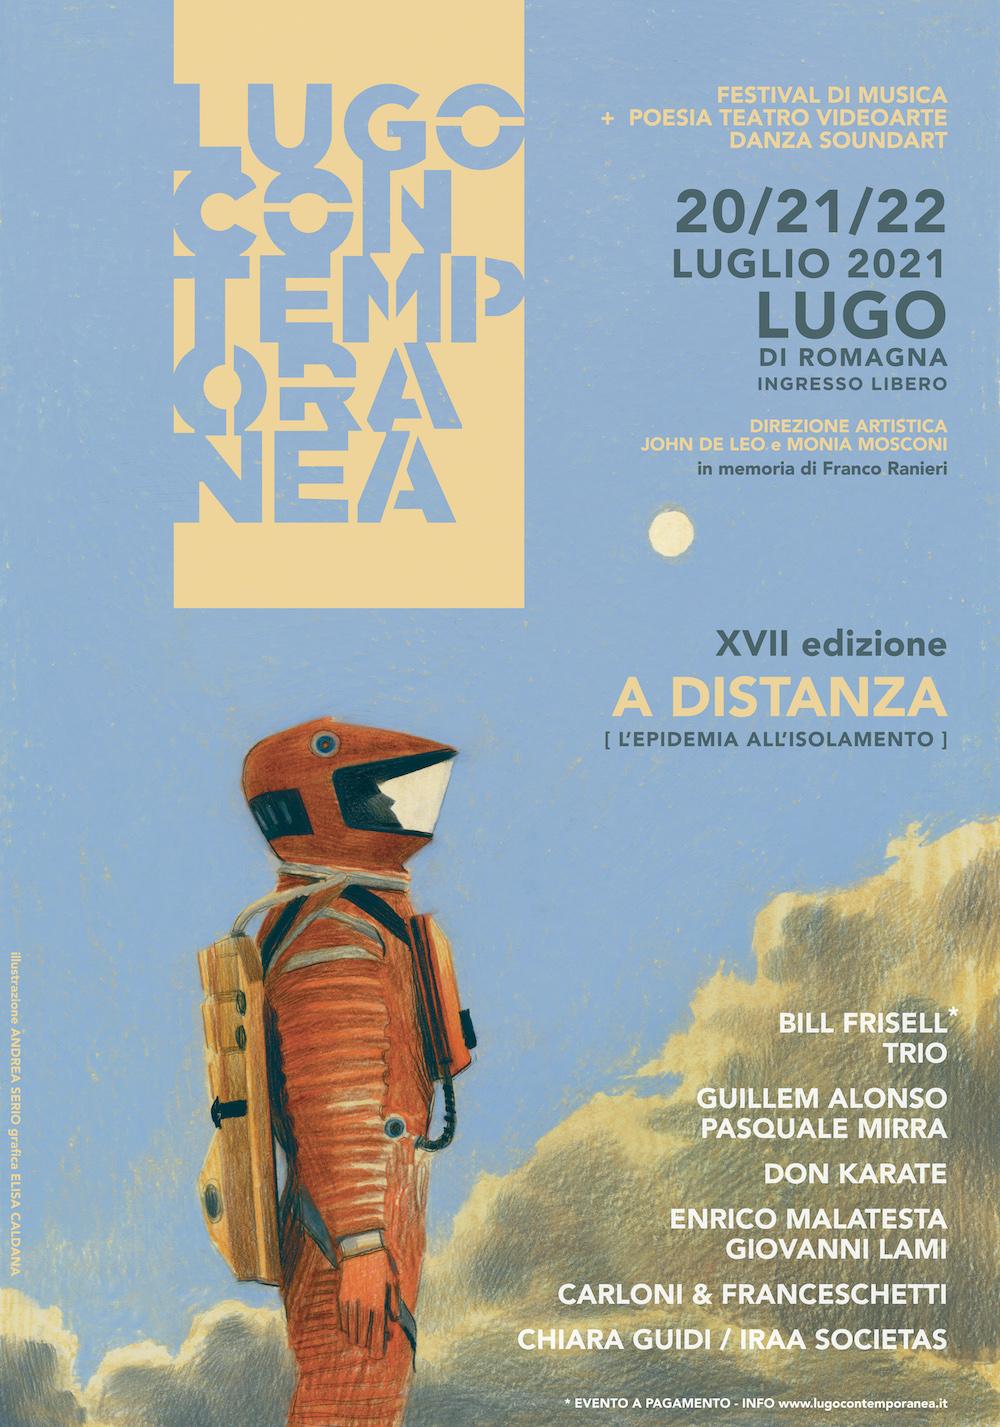 Lugocontemporanea21